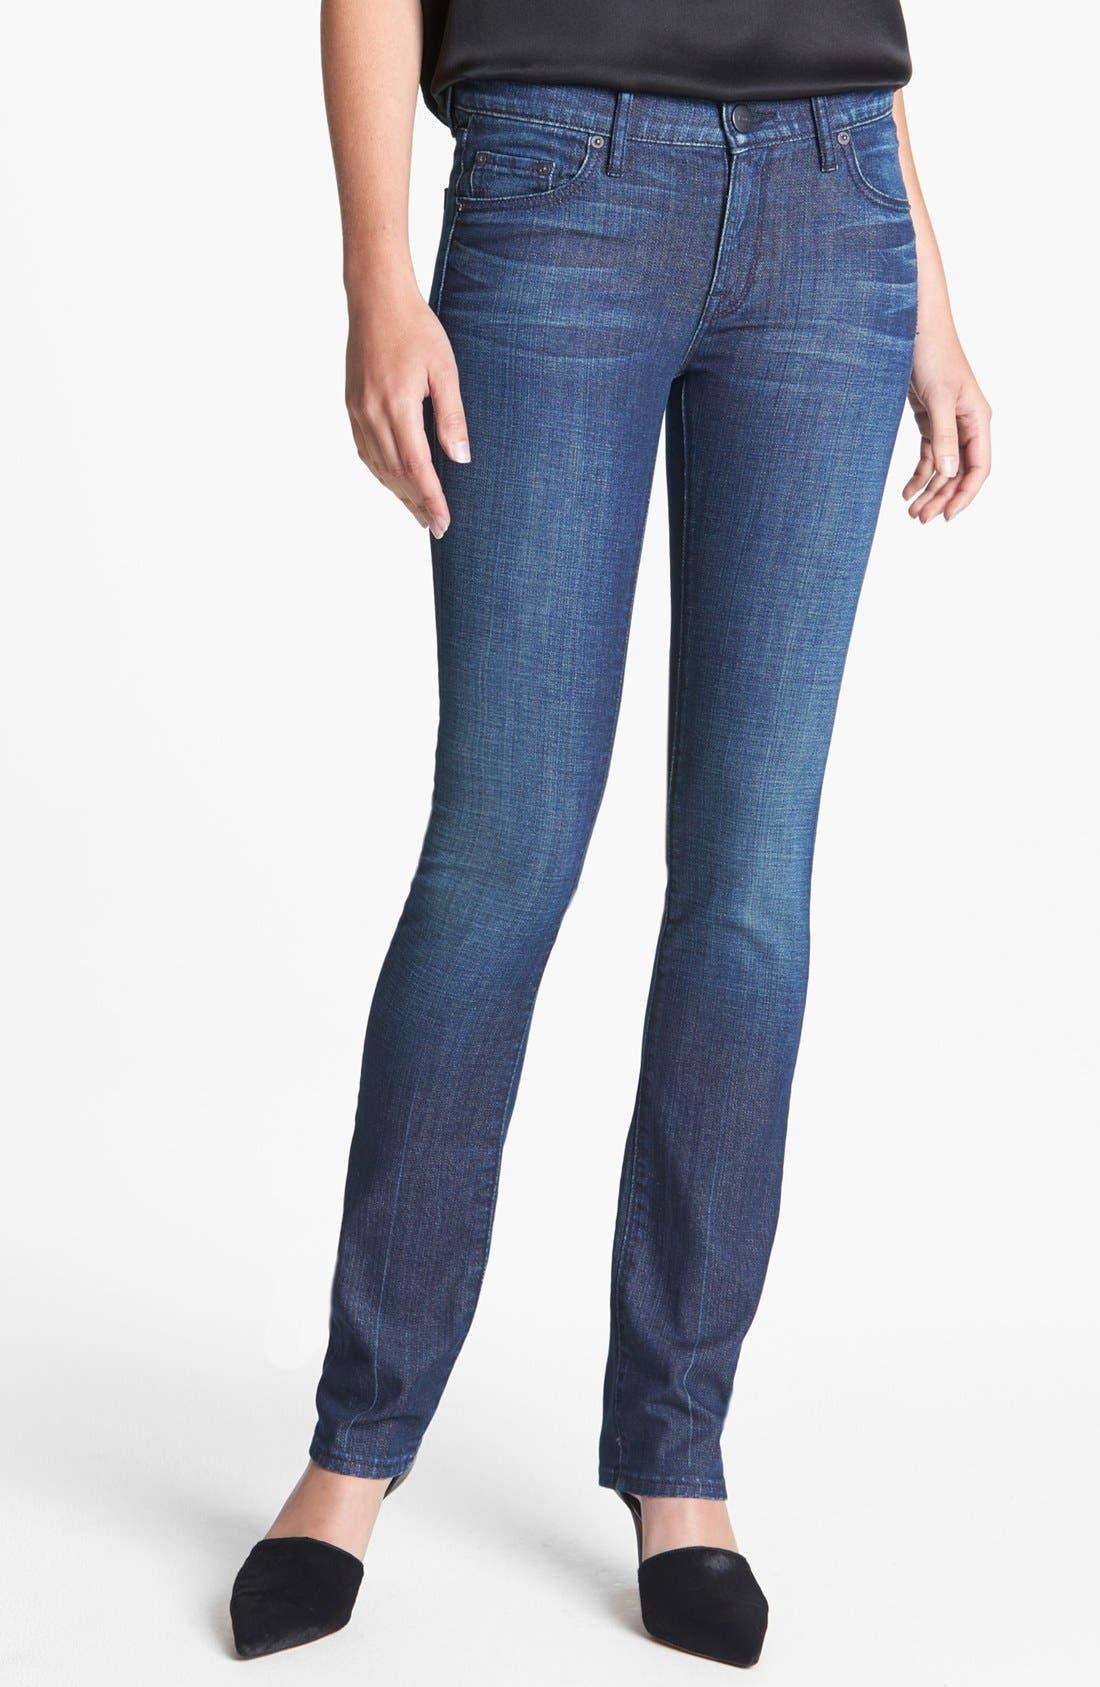 Main Image - Vince 'Finley' Cigarette Leg Jeans